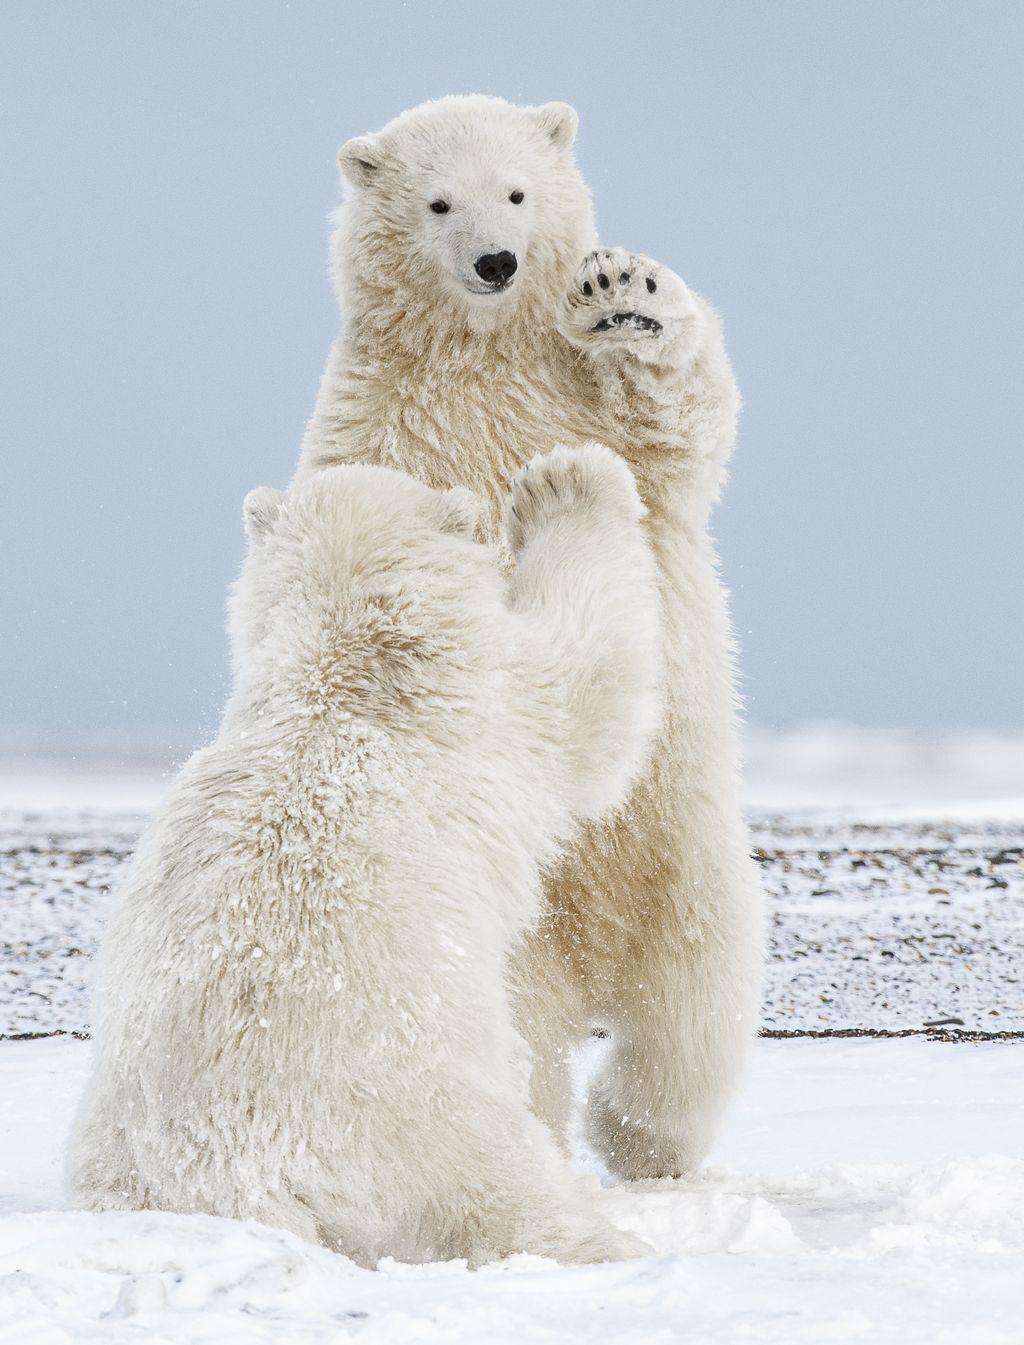 Khi nhiếp ảnh gia Michelle Theall đang cưỡi xe trượt tuyết dọc bờ biển Beaufort ở Kaktovik, Alaska, ông đã vô tình bắt được khoảnh khắc này khi hai chú gấu đưa tay ra và hi-five với nhau.